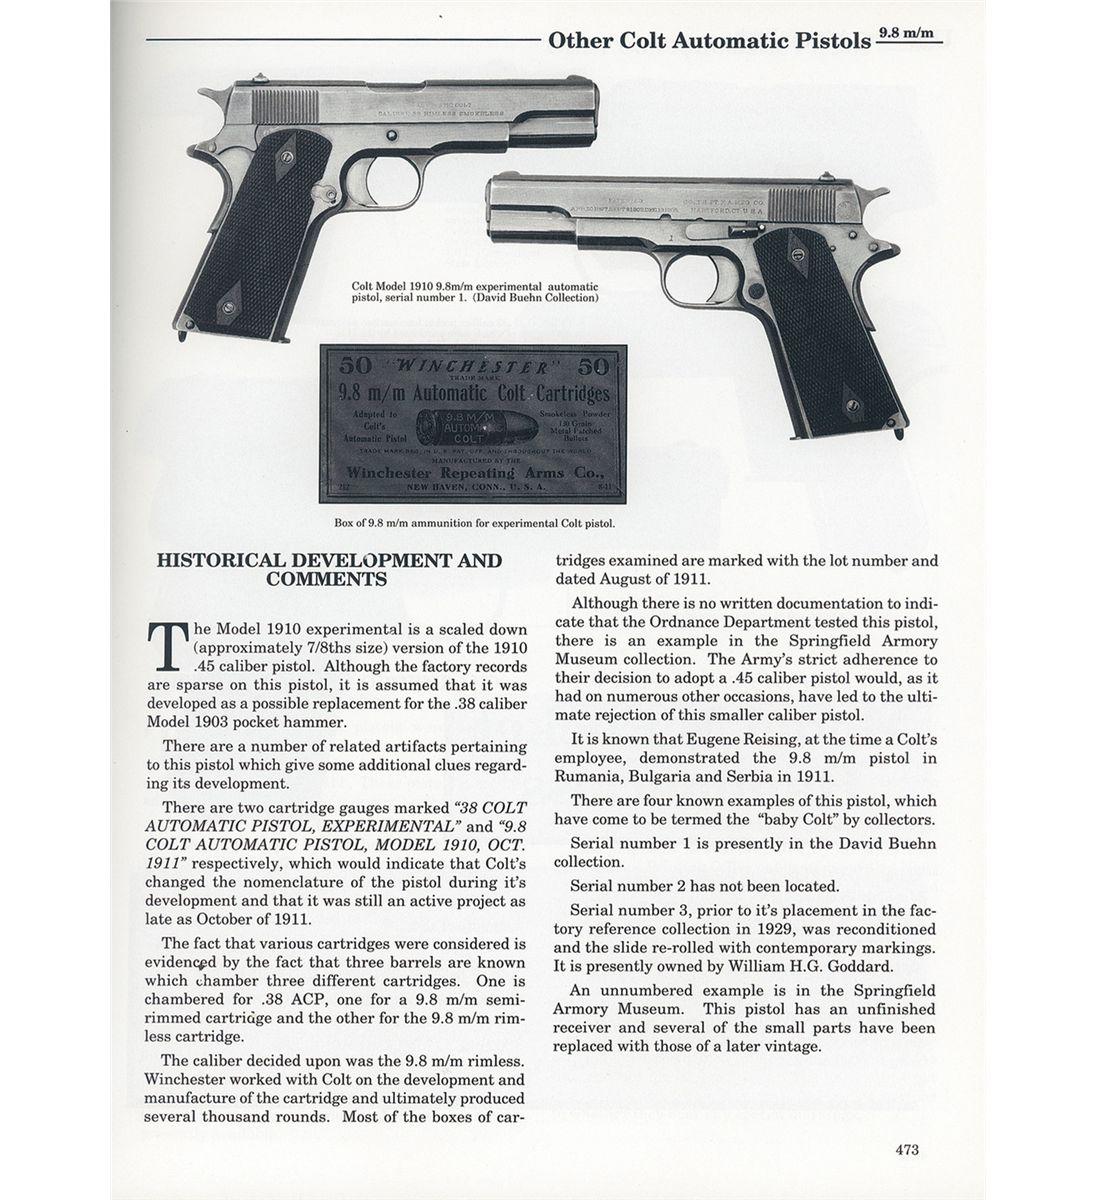 Experimental Colt Model 1910 9 8 MM Pistol Serial Number 4